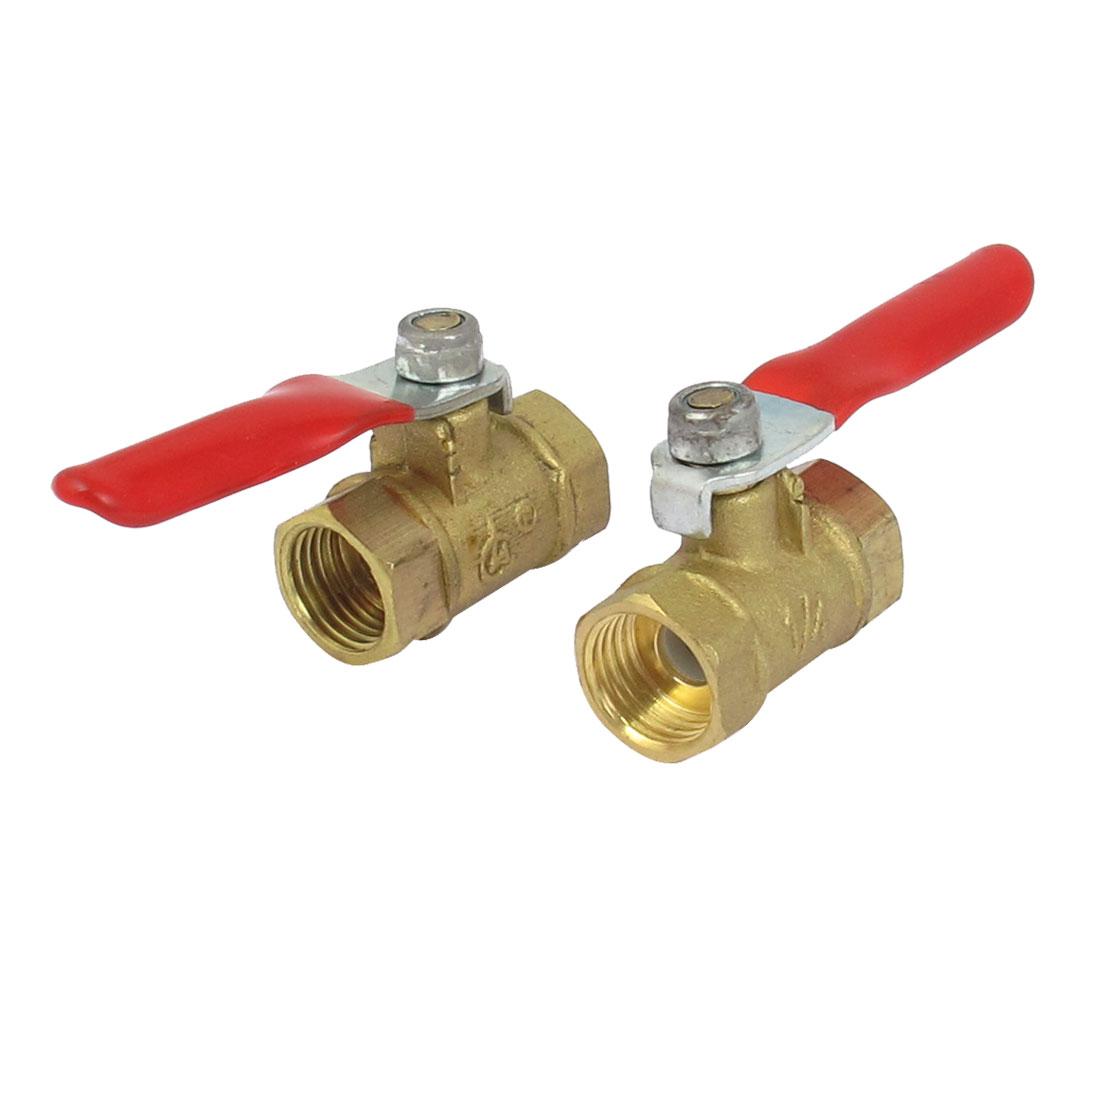 Female to Female Thread Air Water Pneumatic Gas Ball Valve 2pcs